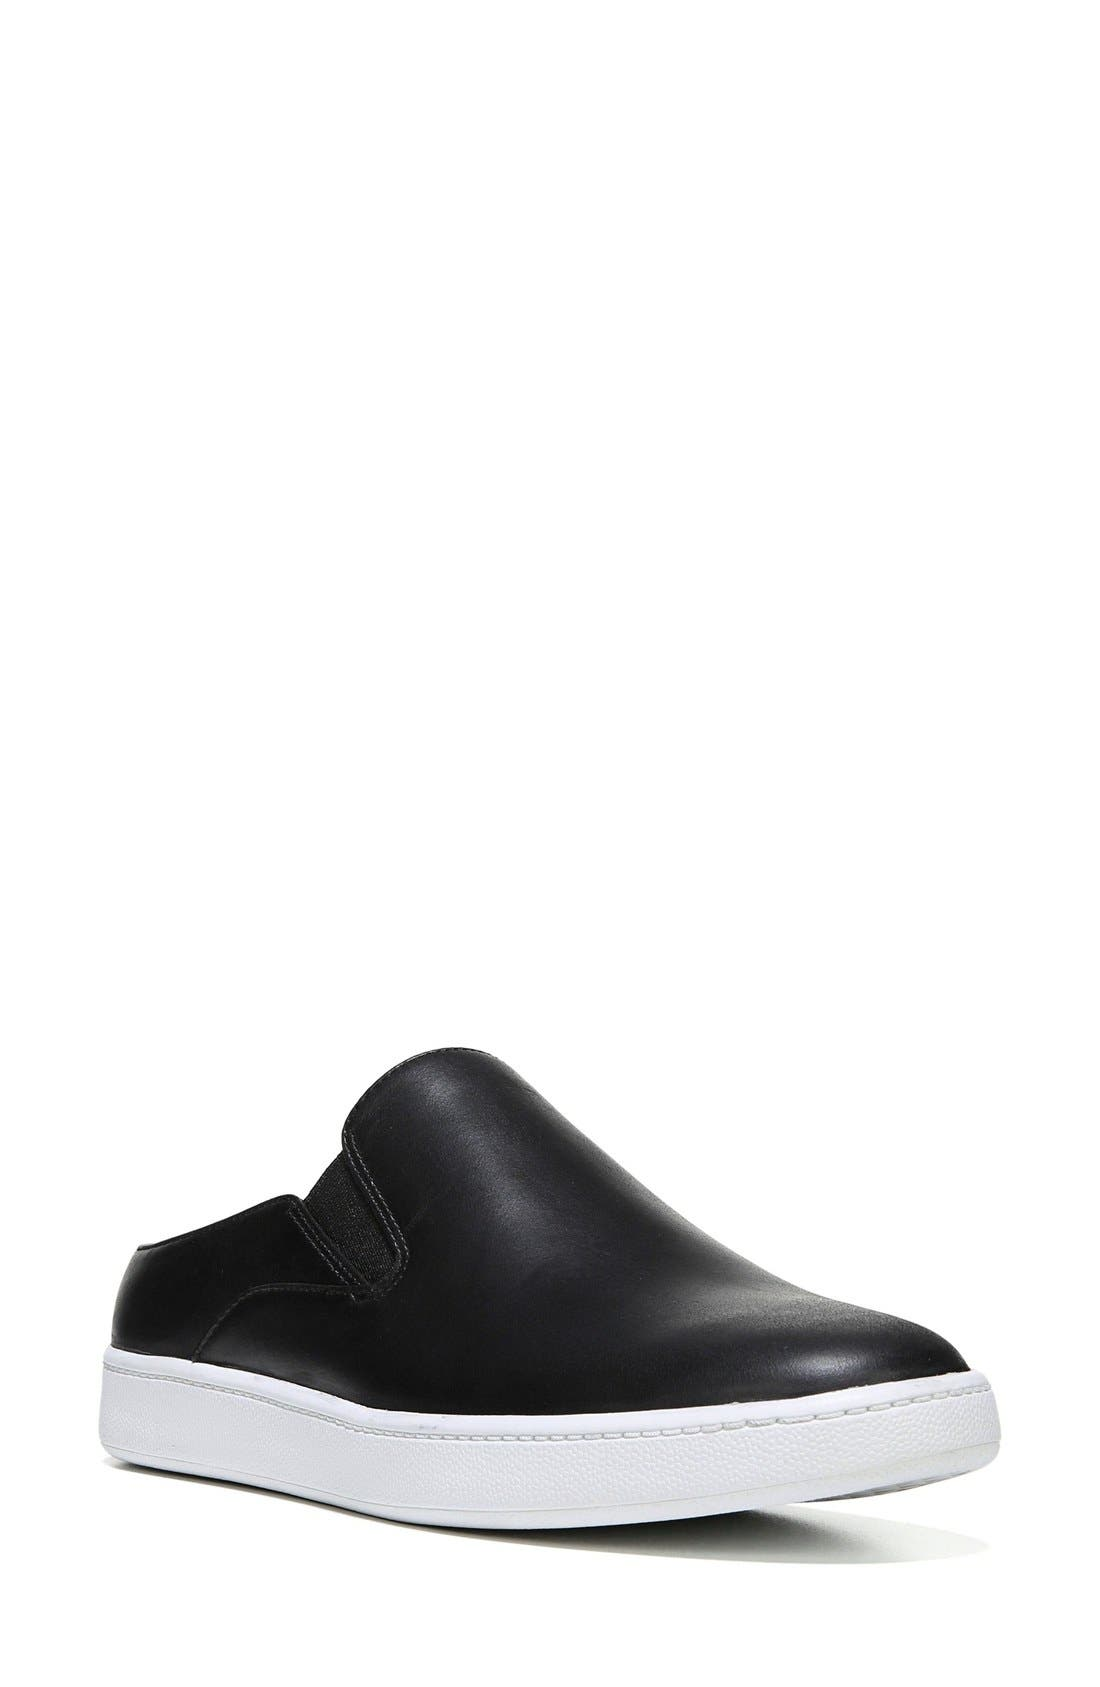 Verrell Slip-On Sneaker,                             Main thumbnail 6, color,